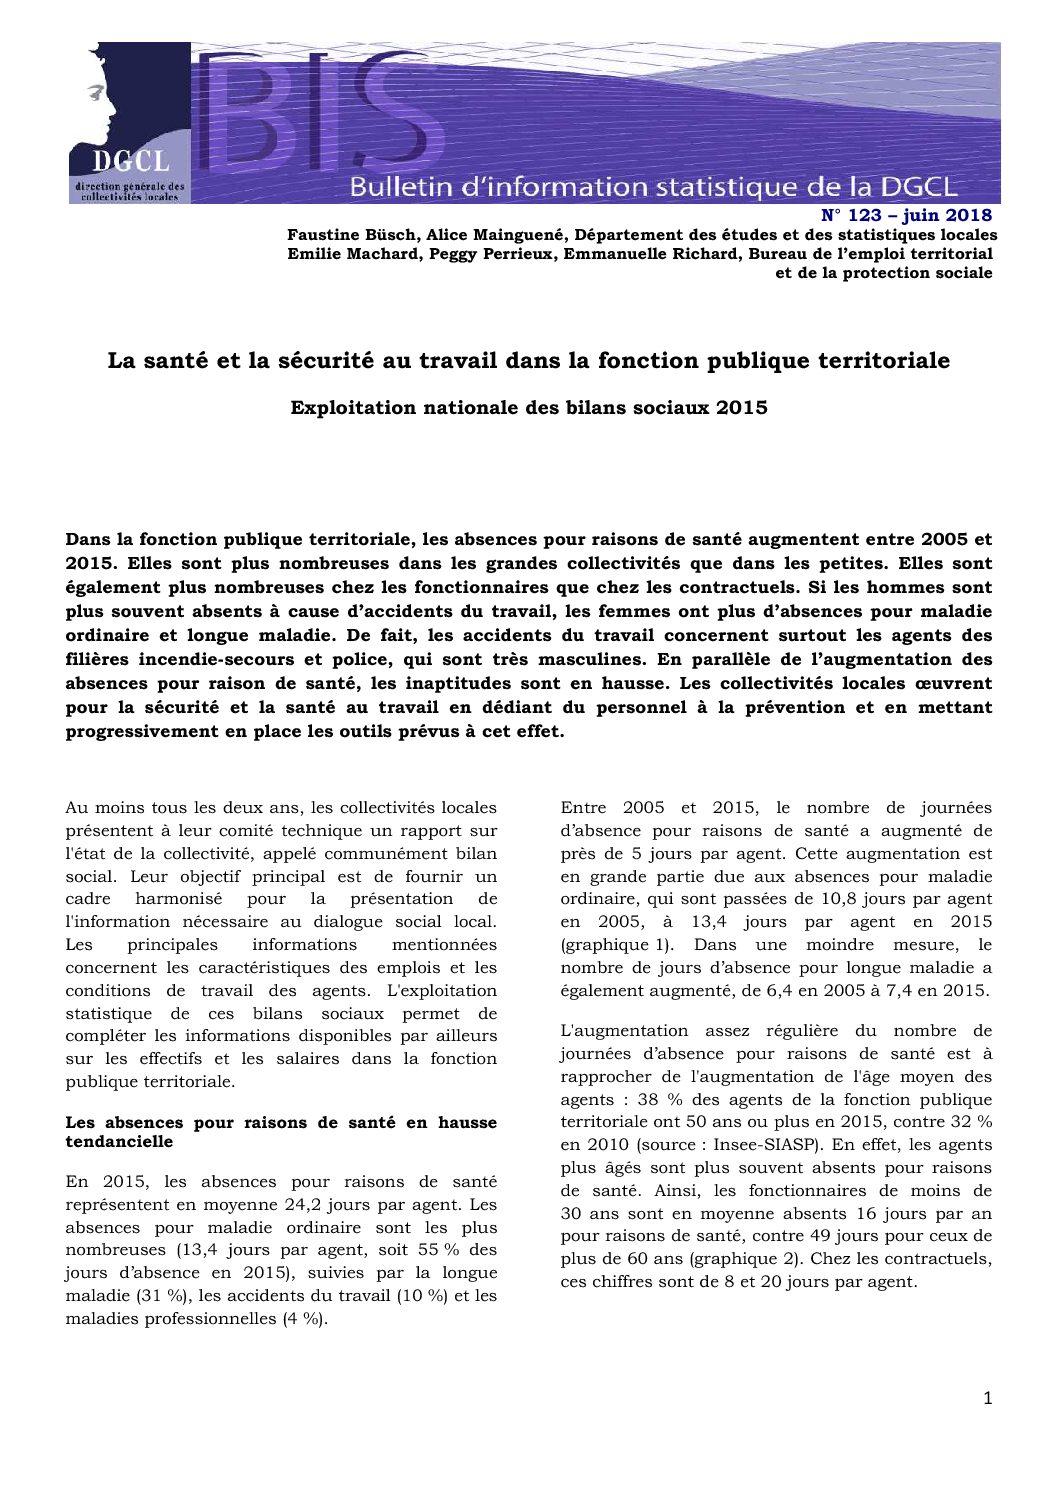 Degradation De La Sante Et La Securite Au Travail Dans La Fonction